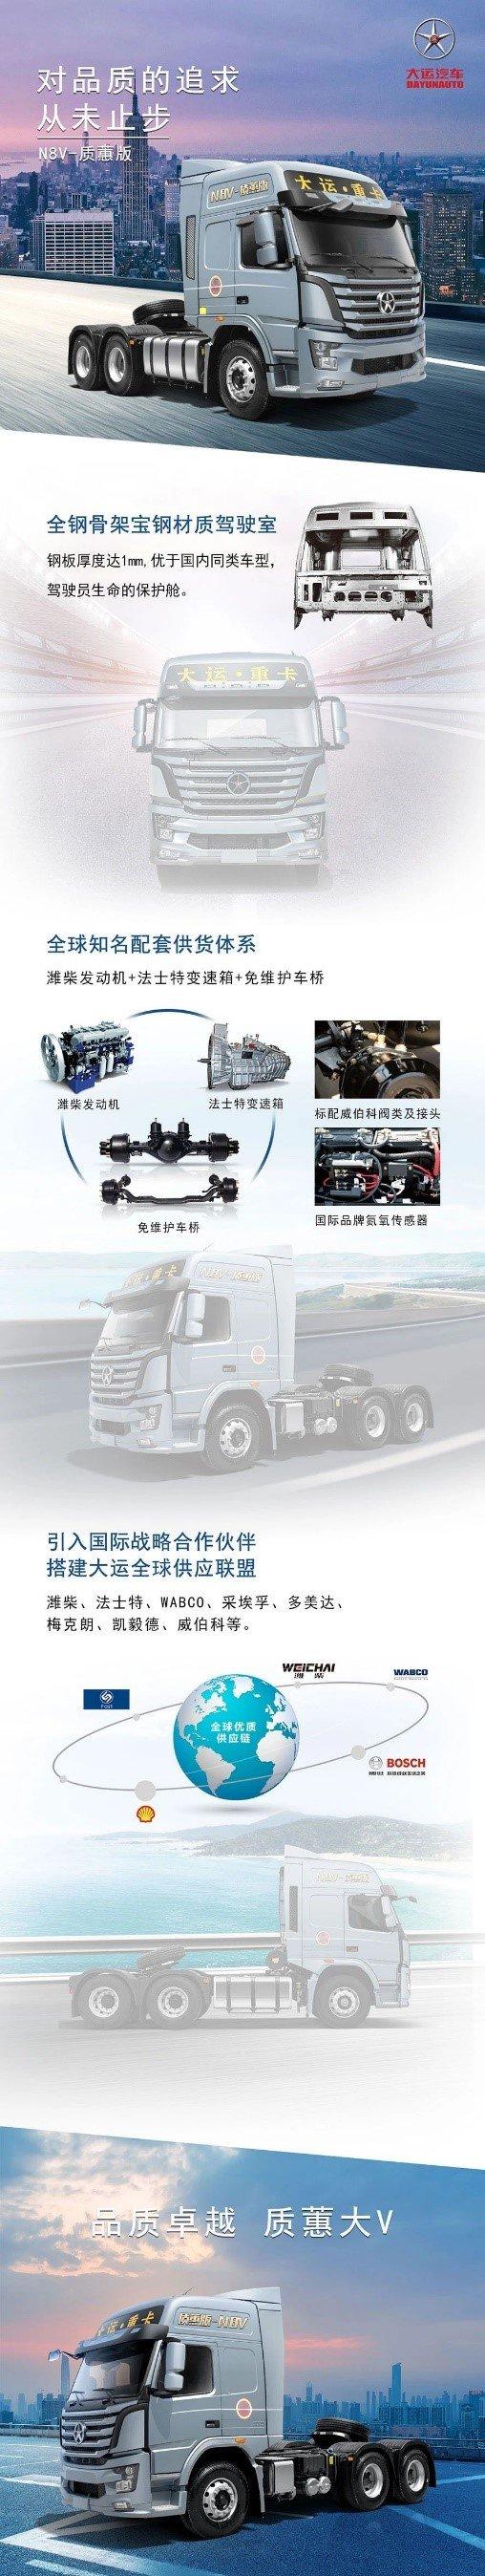 质蕙N8V对品质的追求从未止步!